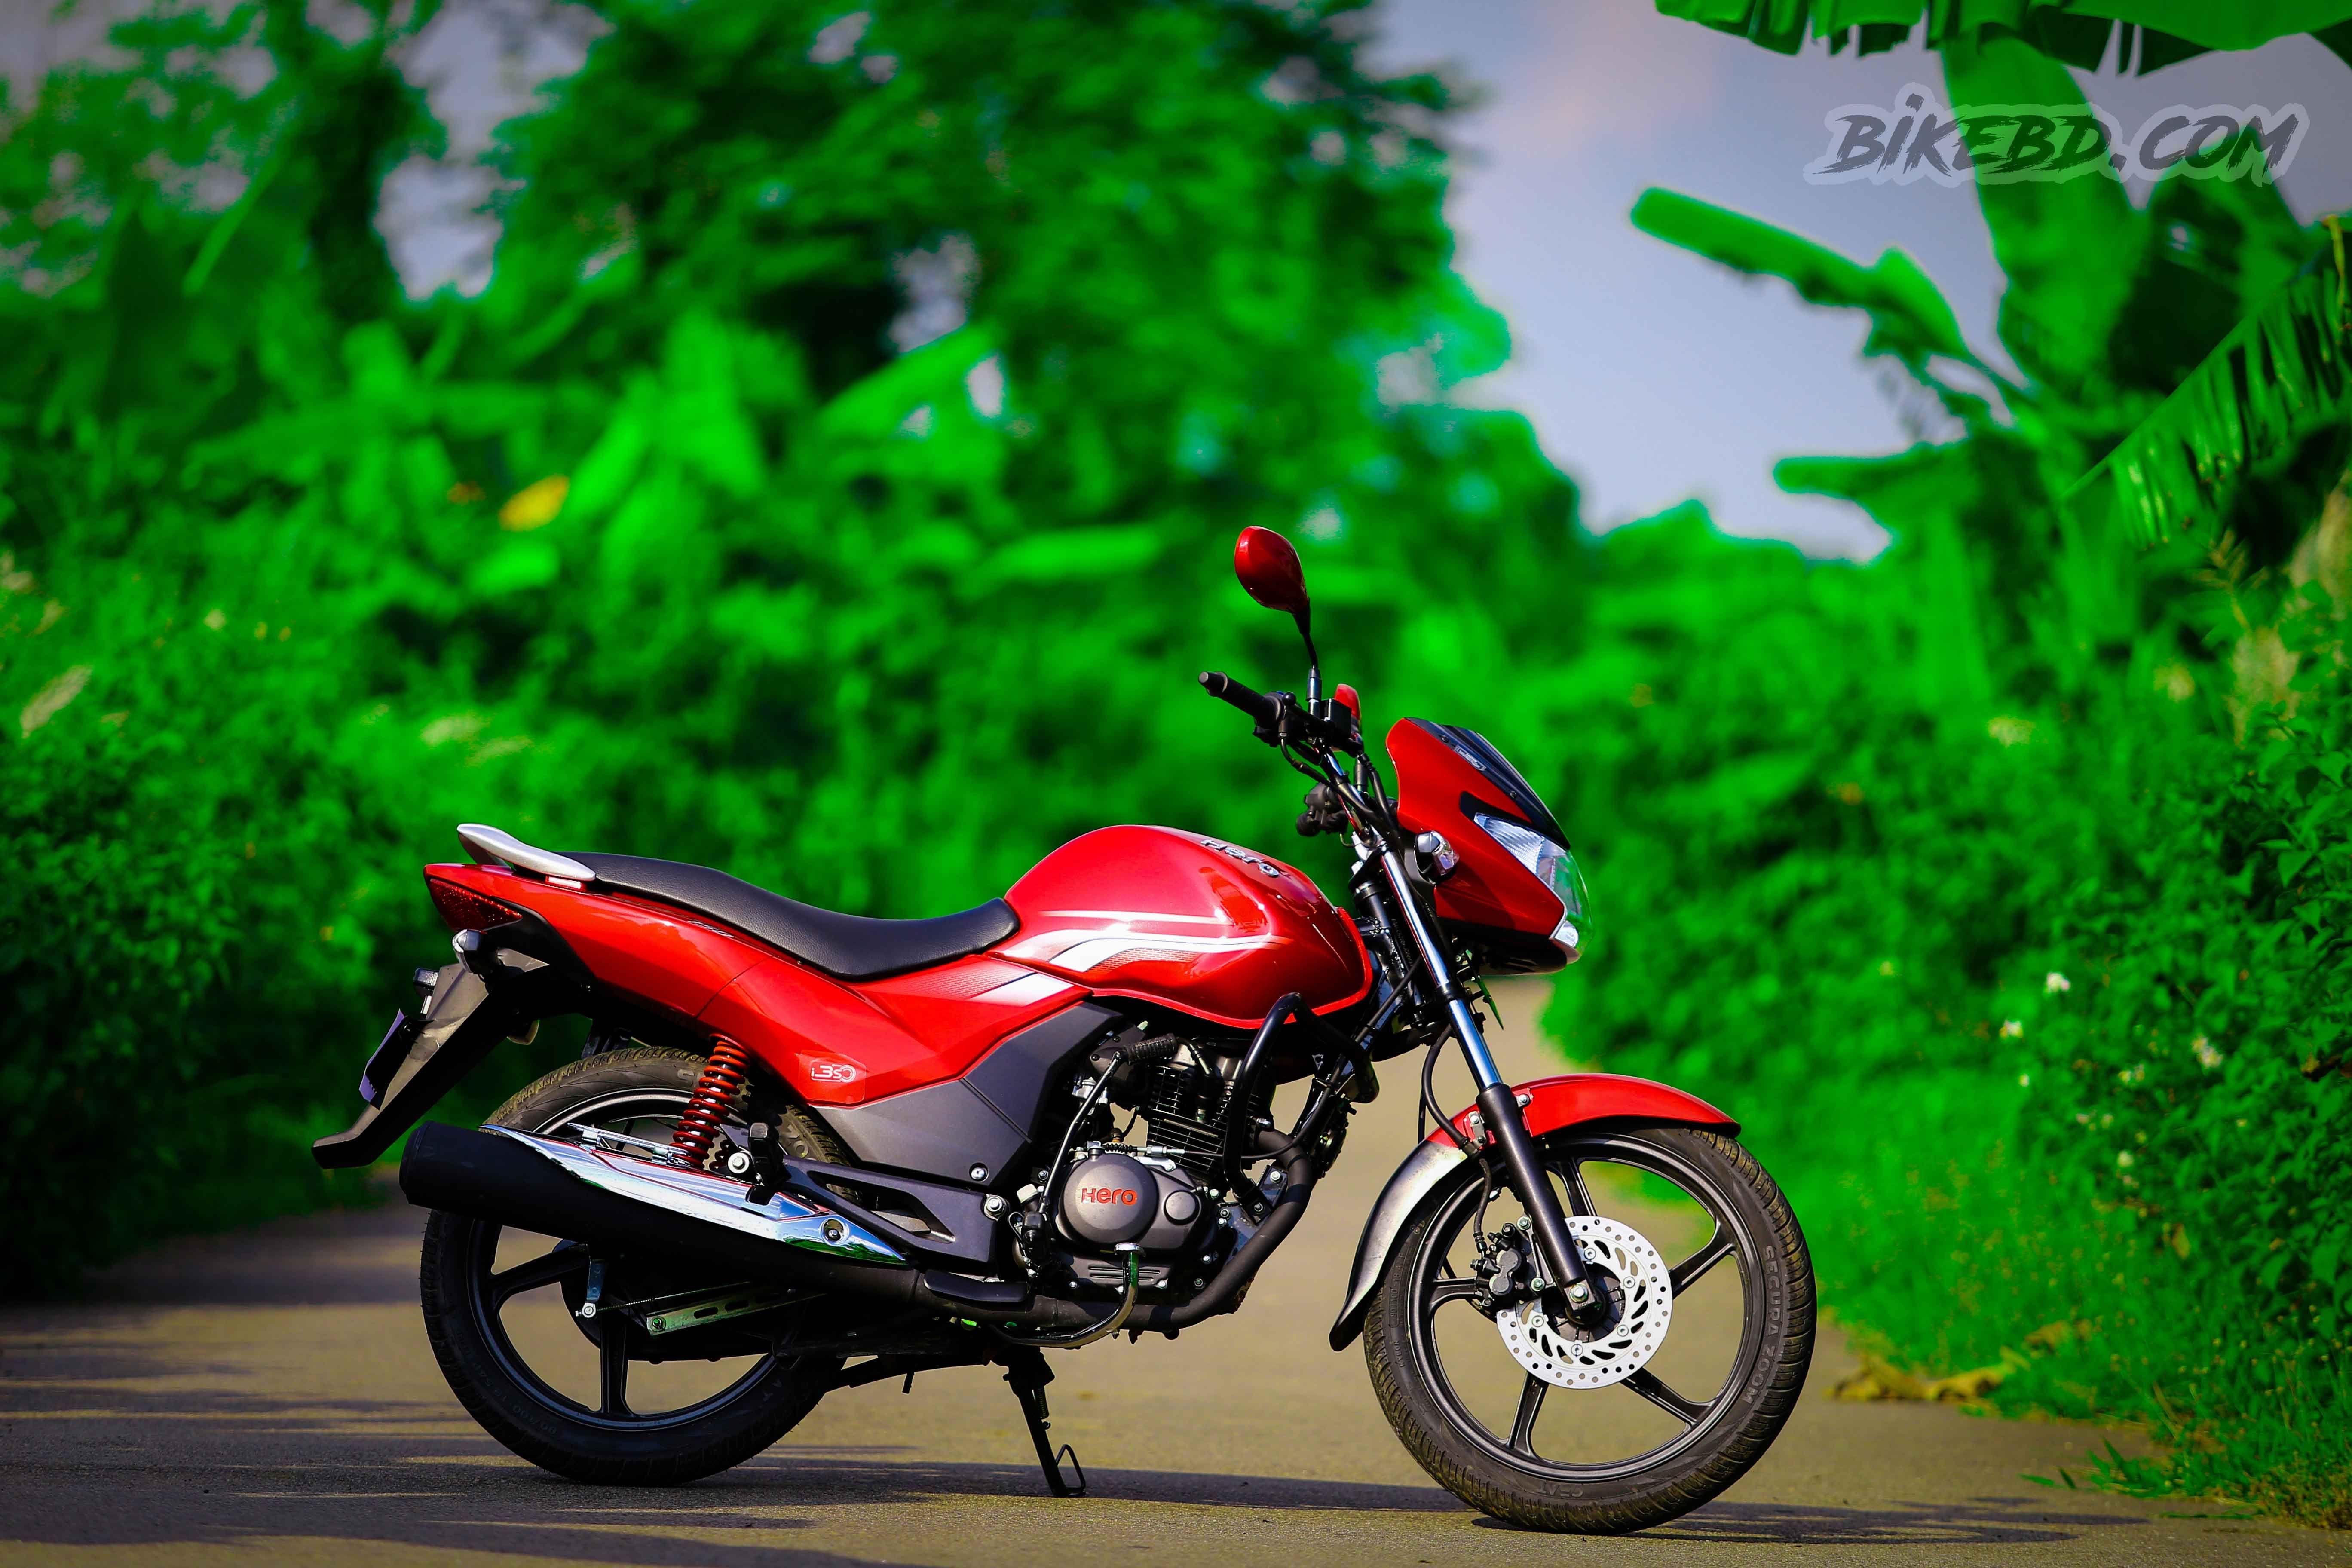 Yamaha Ray ZR 125 Fi Price In BD 2021 | BikeBD